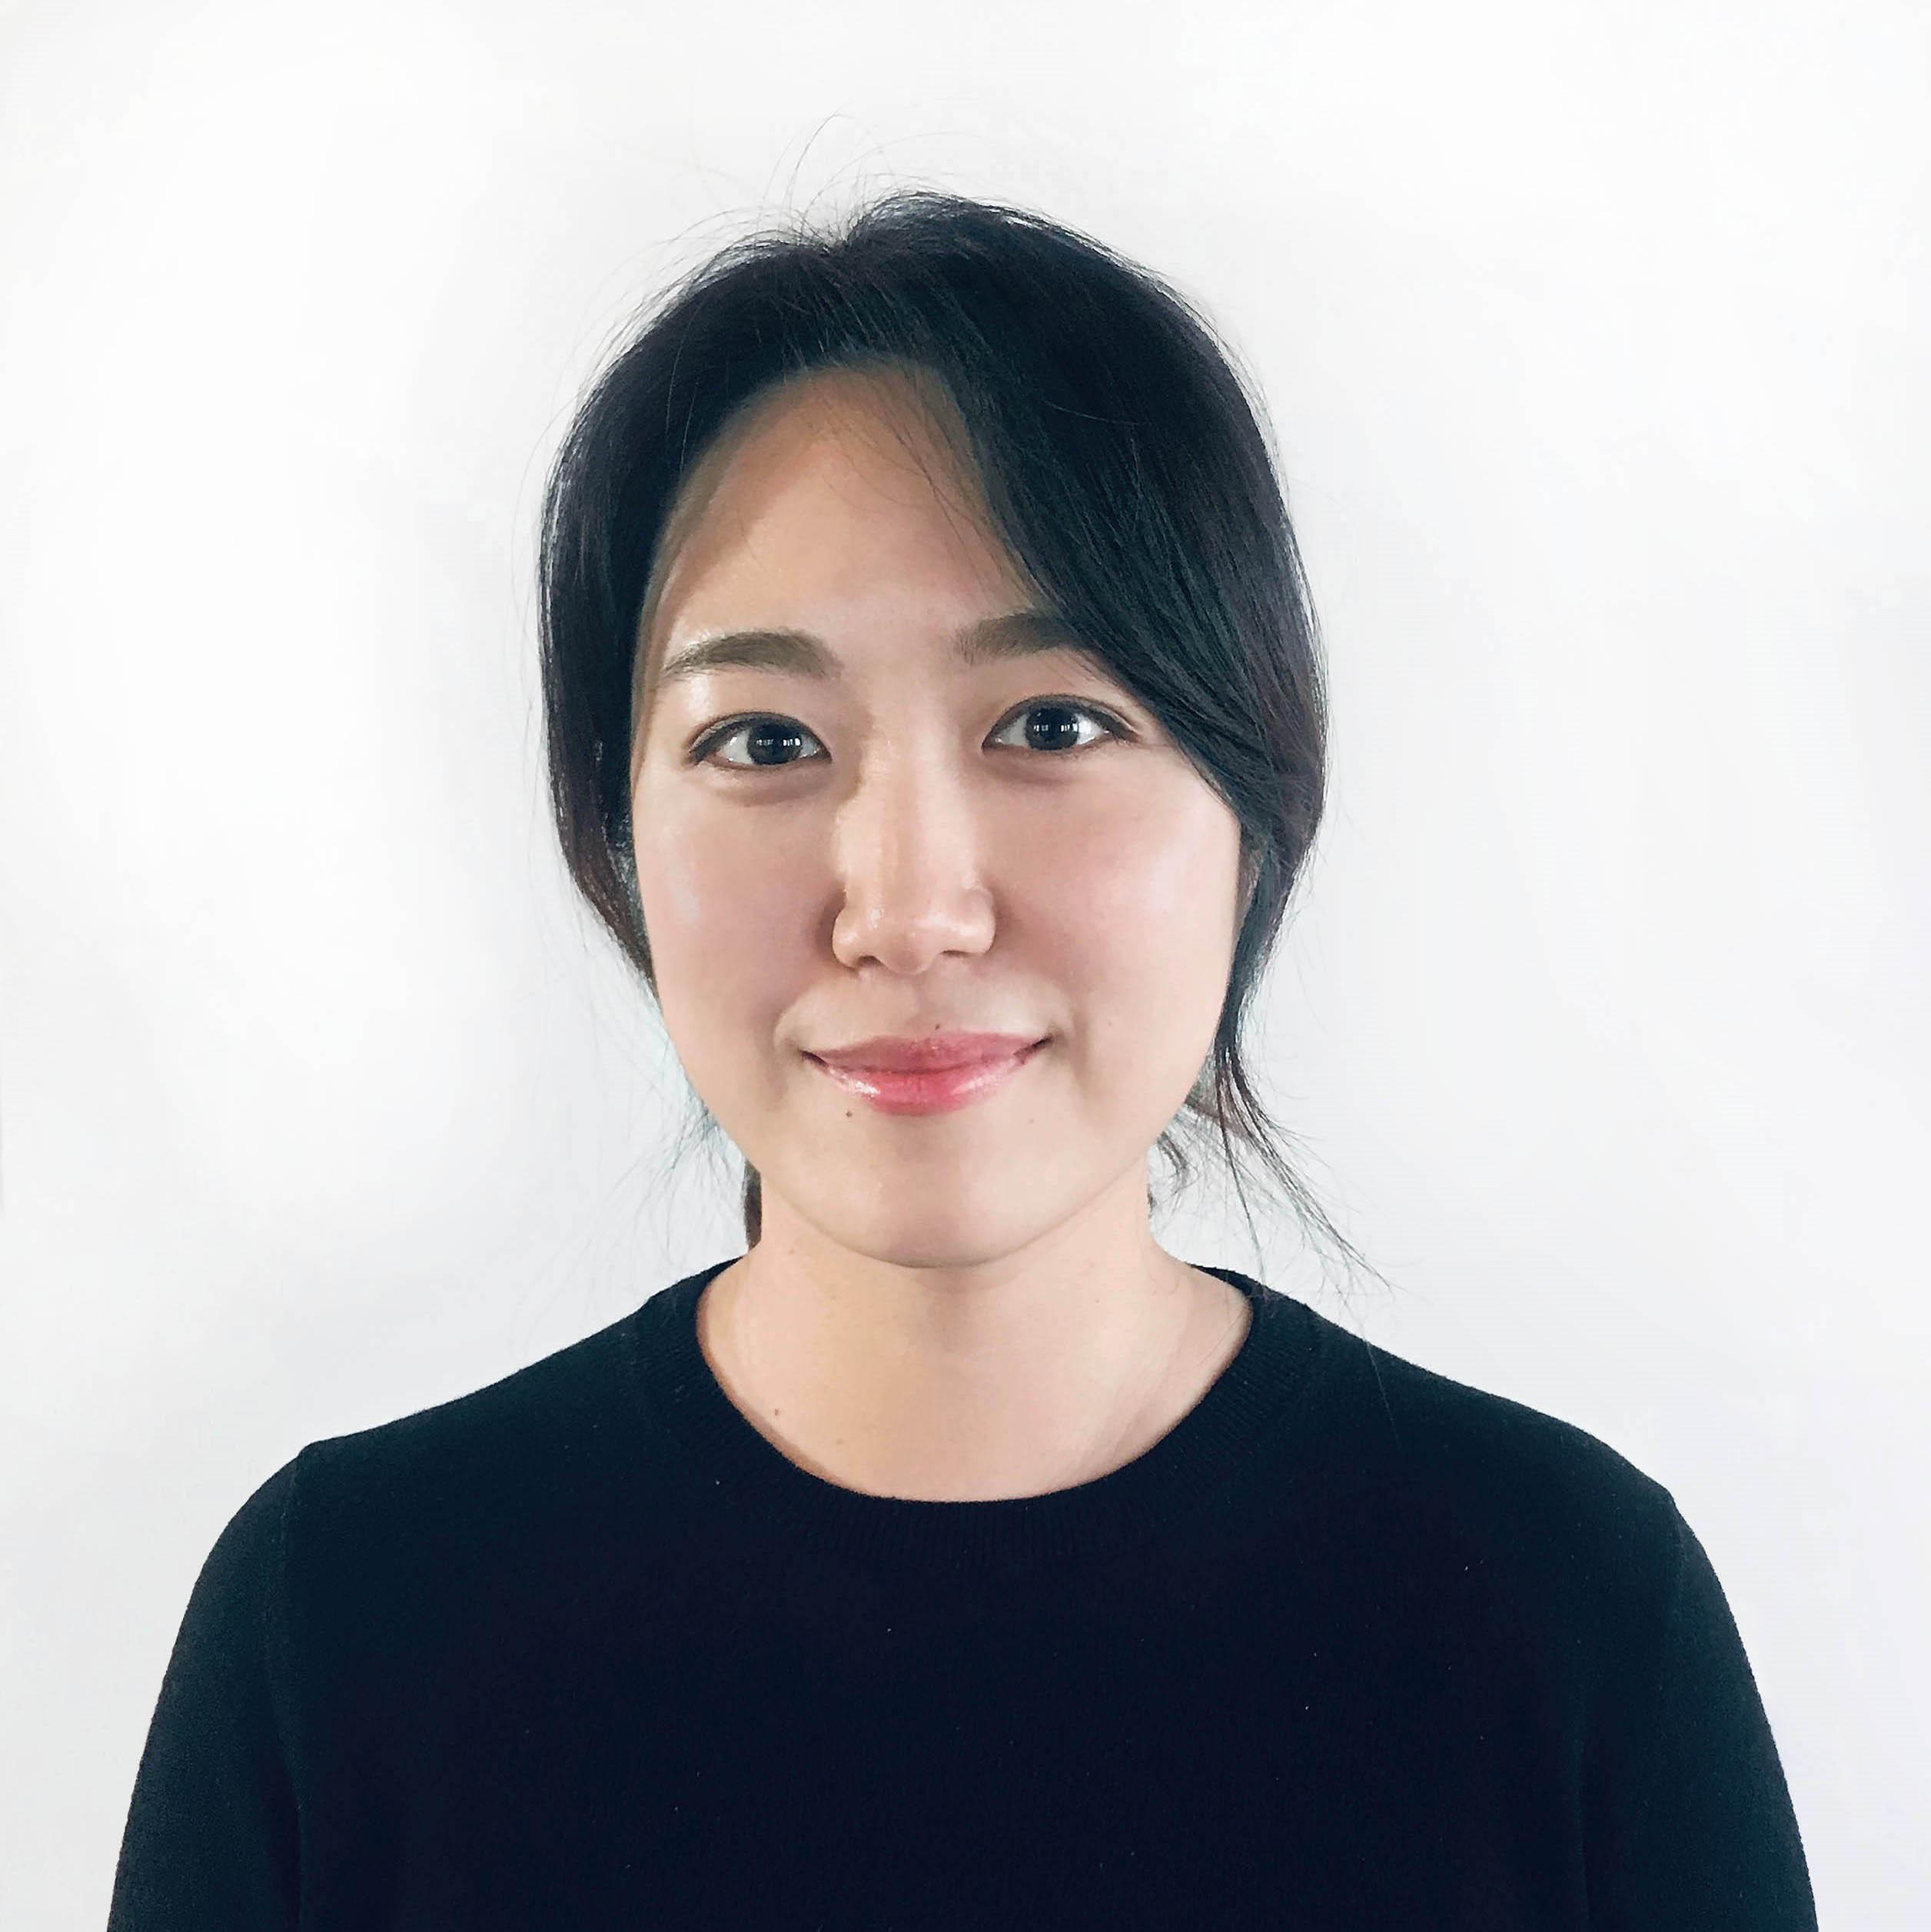 Dami Kim